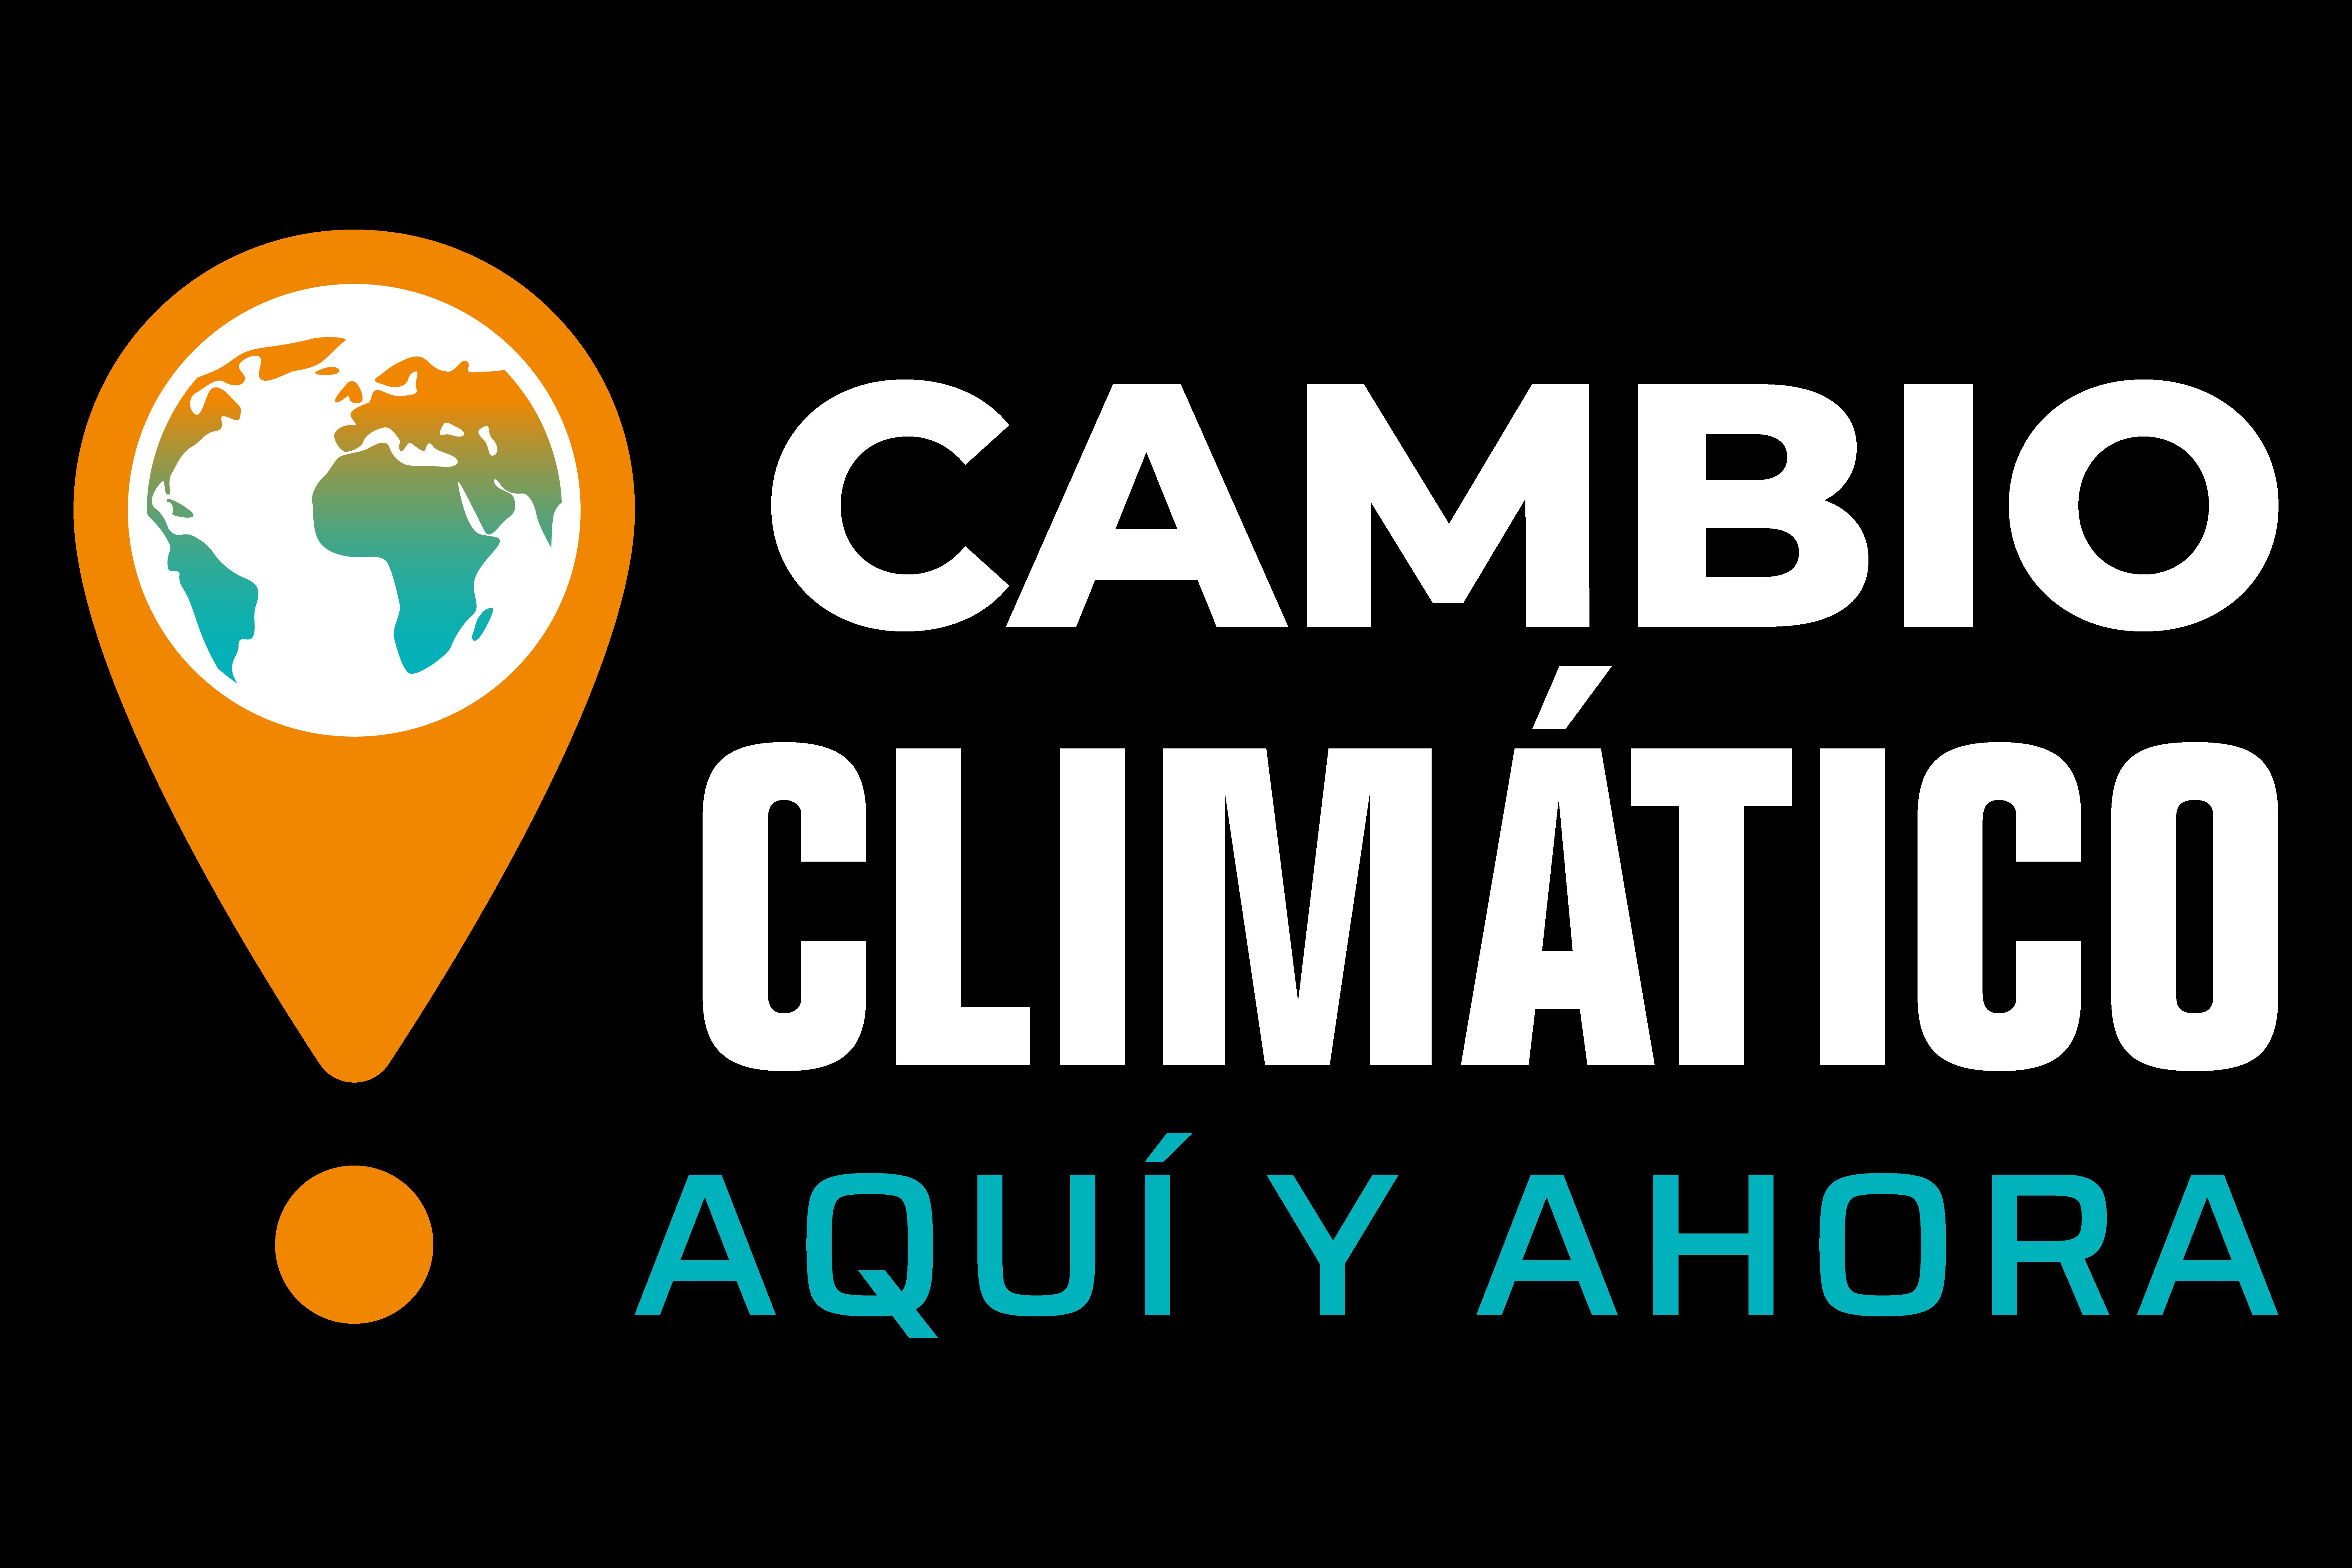 CAMBIO CLIMÁTICO, AQUÍ Y AHORA